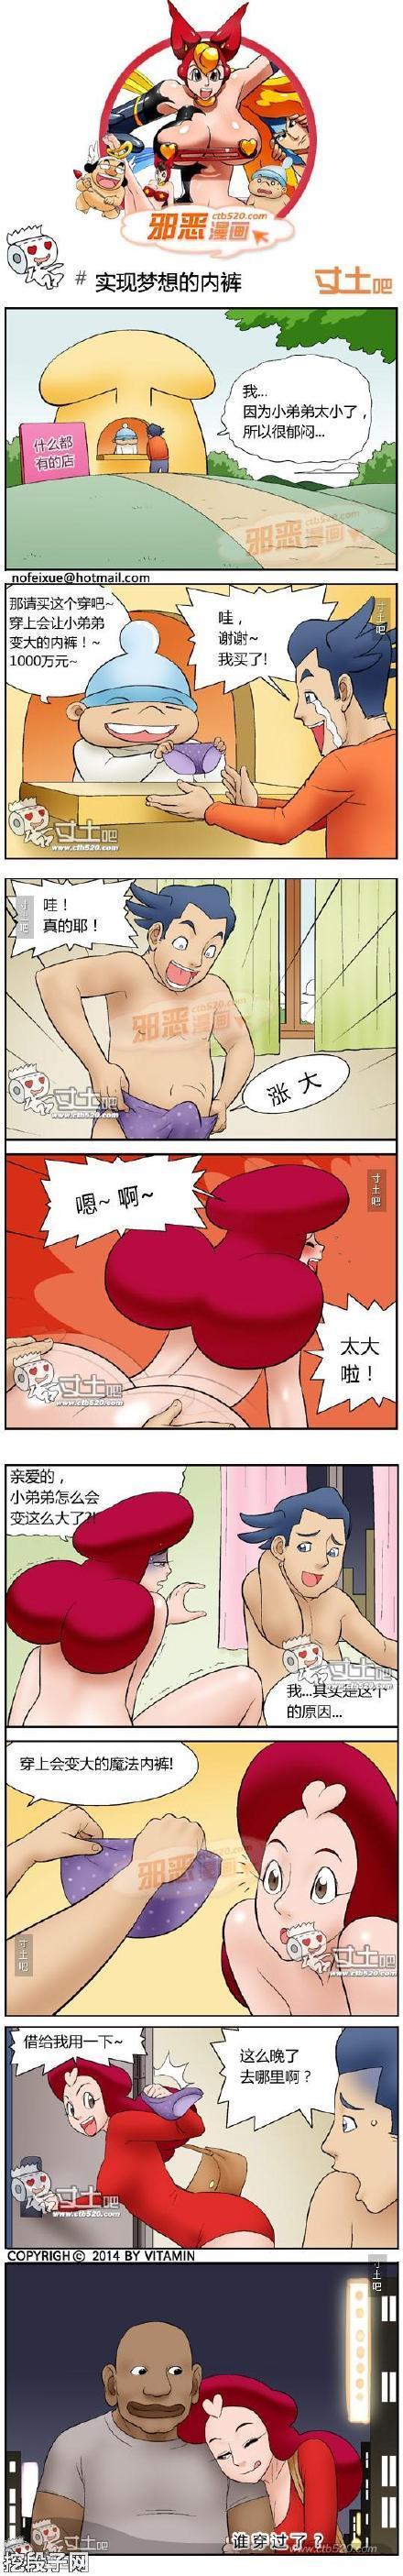 诛仙动漫全集